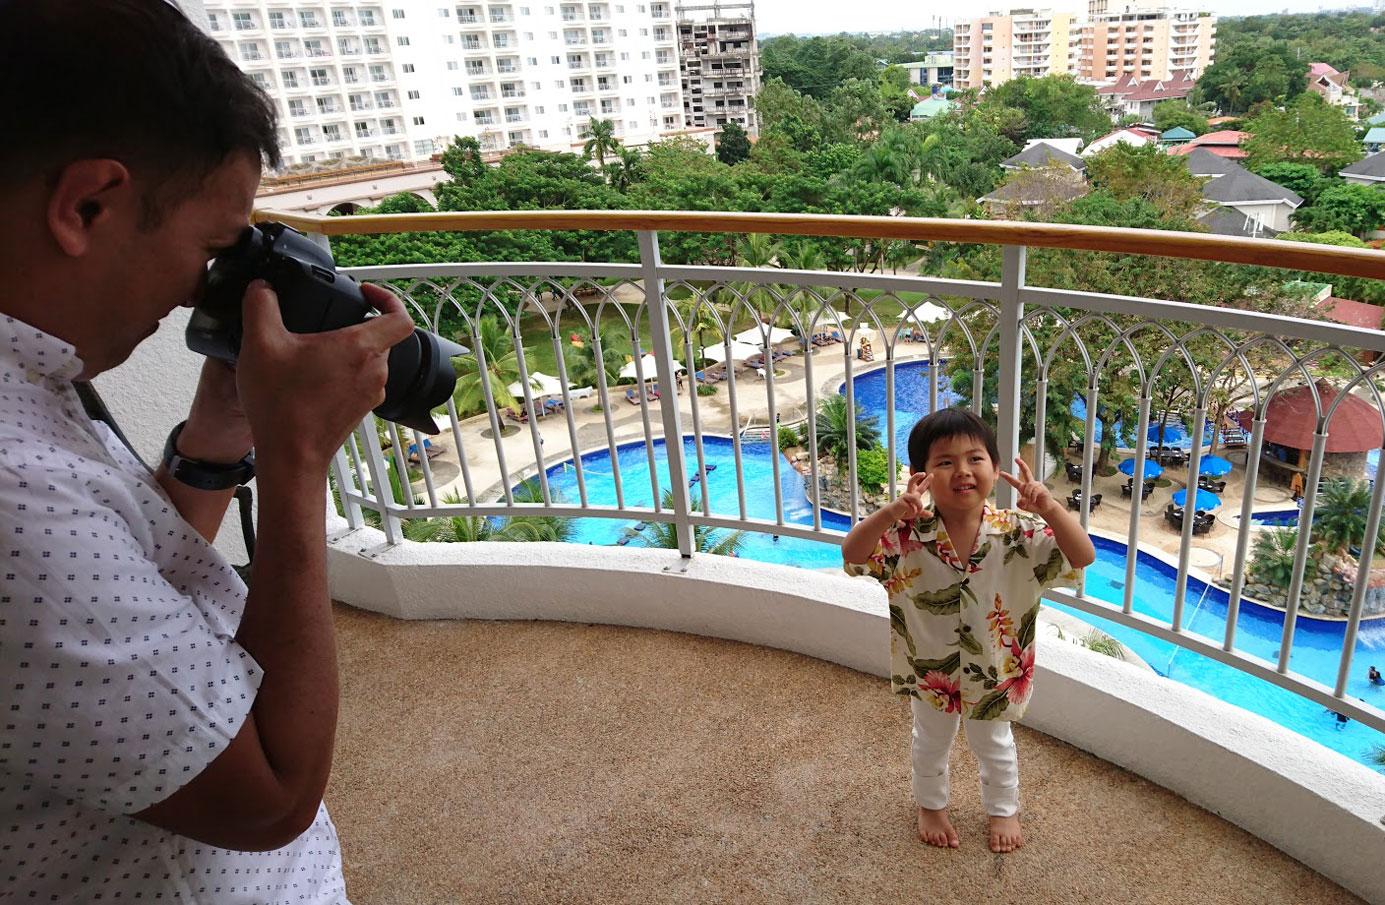 セブ島子連れ旅行 セブ家族写真 セブファミリーフォト